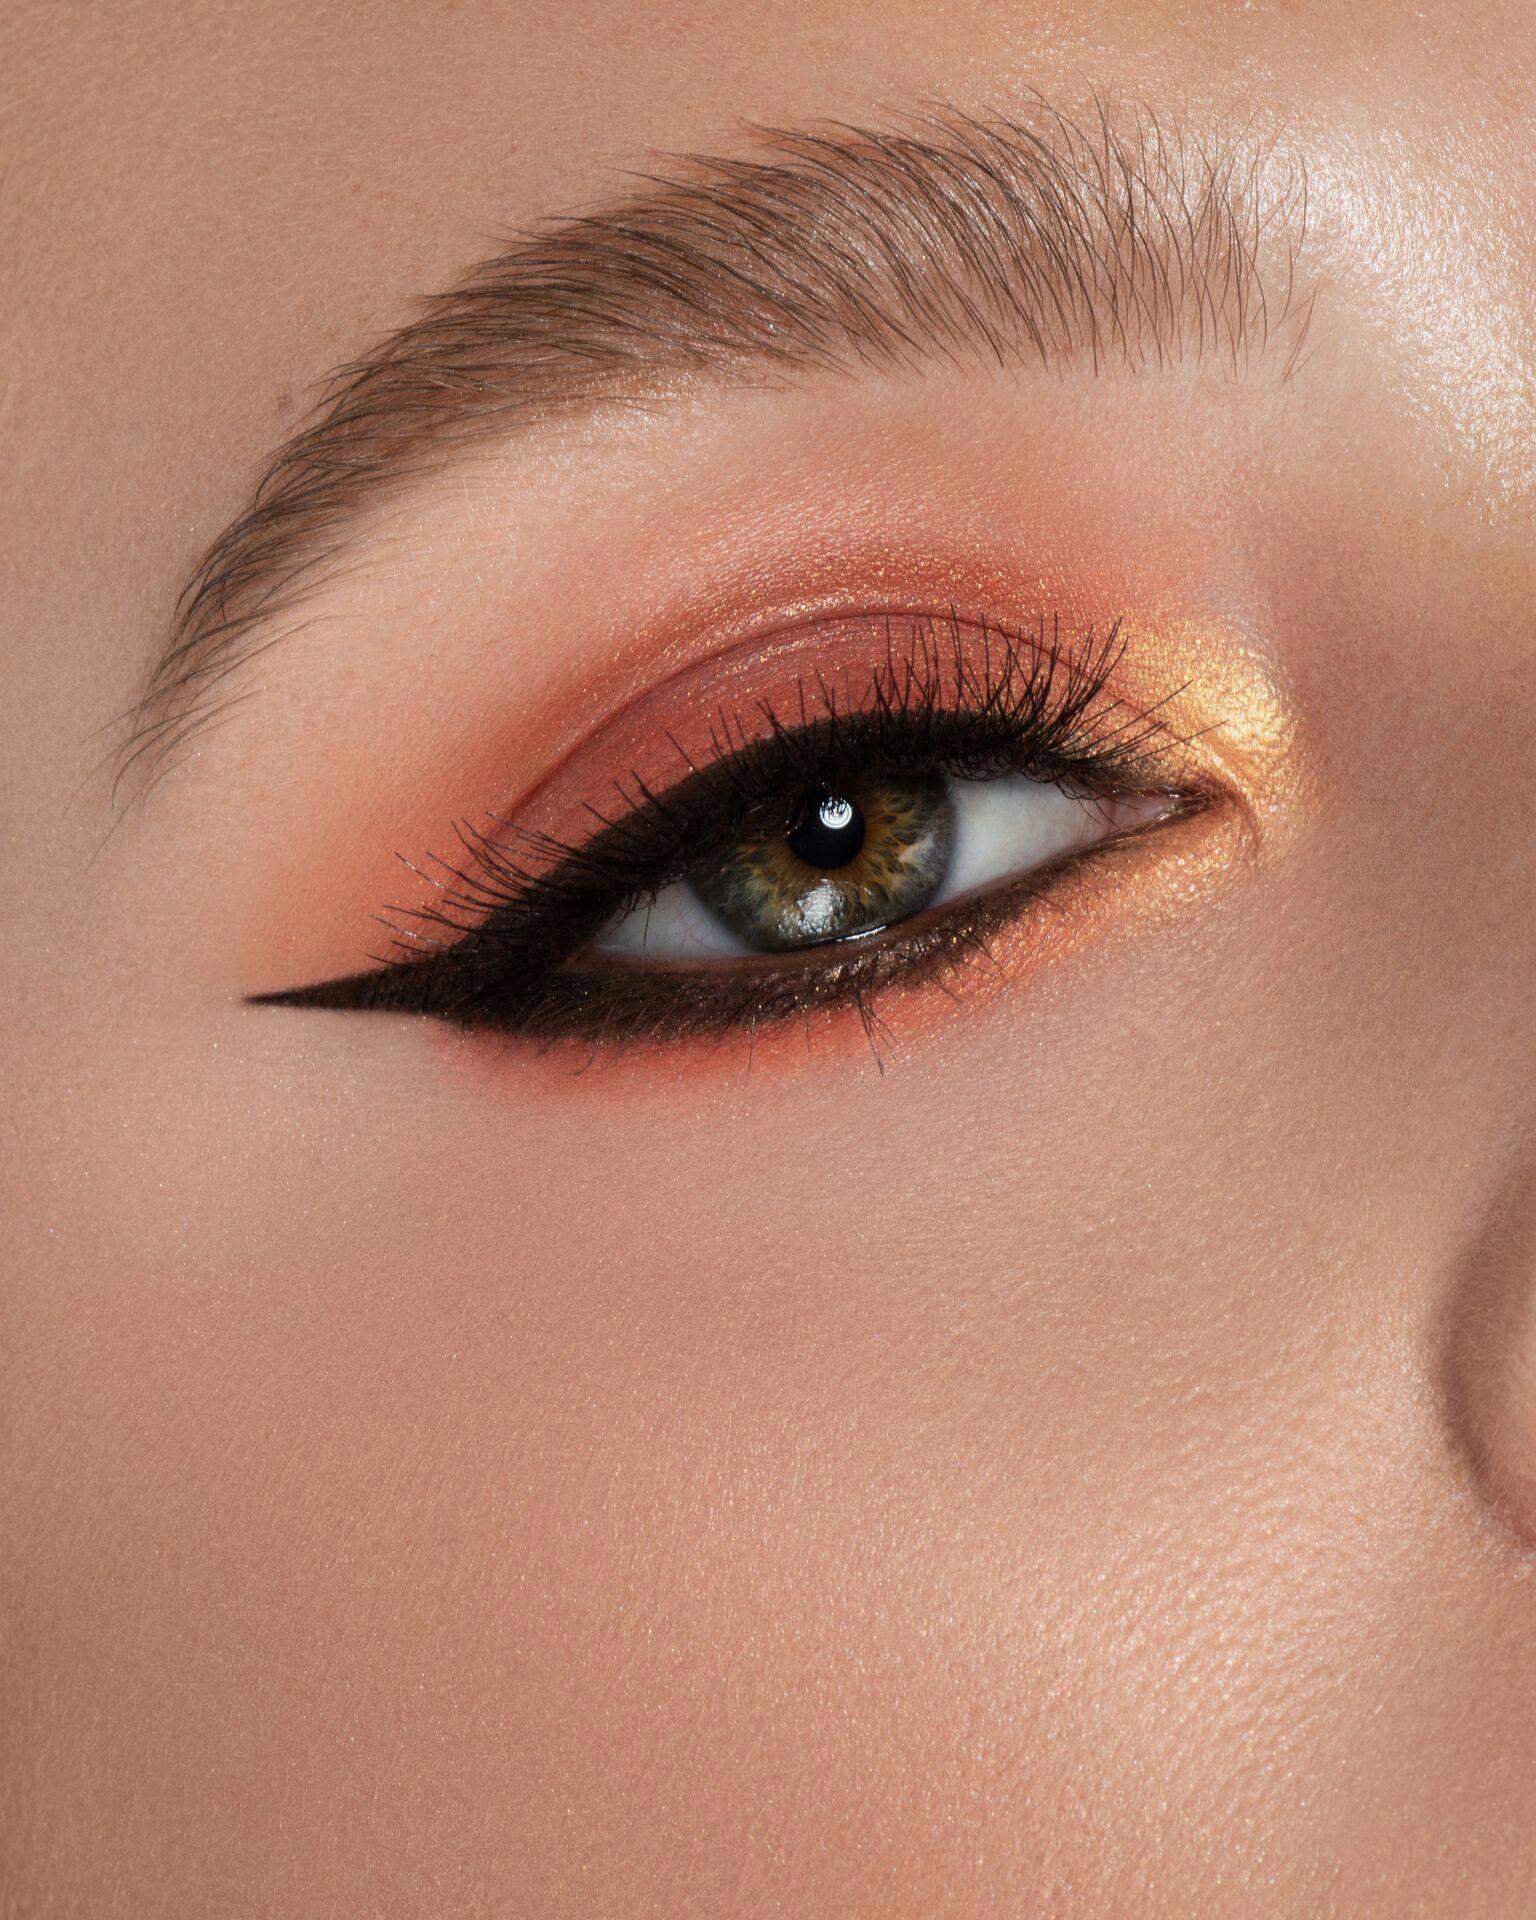 Pin on Eye Makeup Art